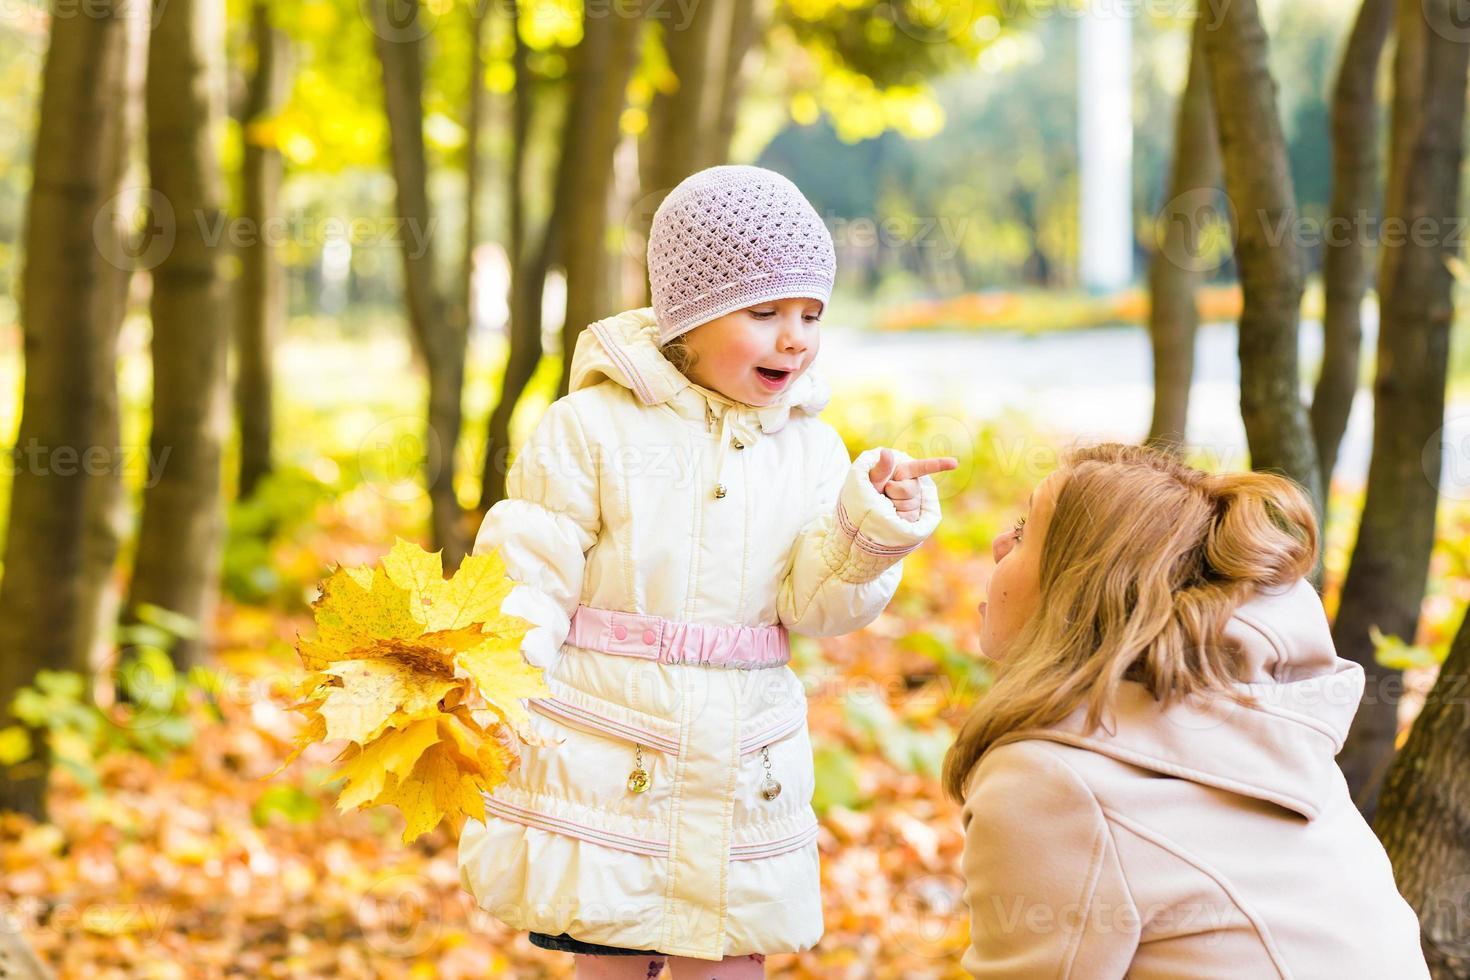 família feliz mãe e filha brincando na caminhada de outono foto